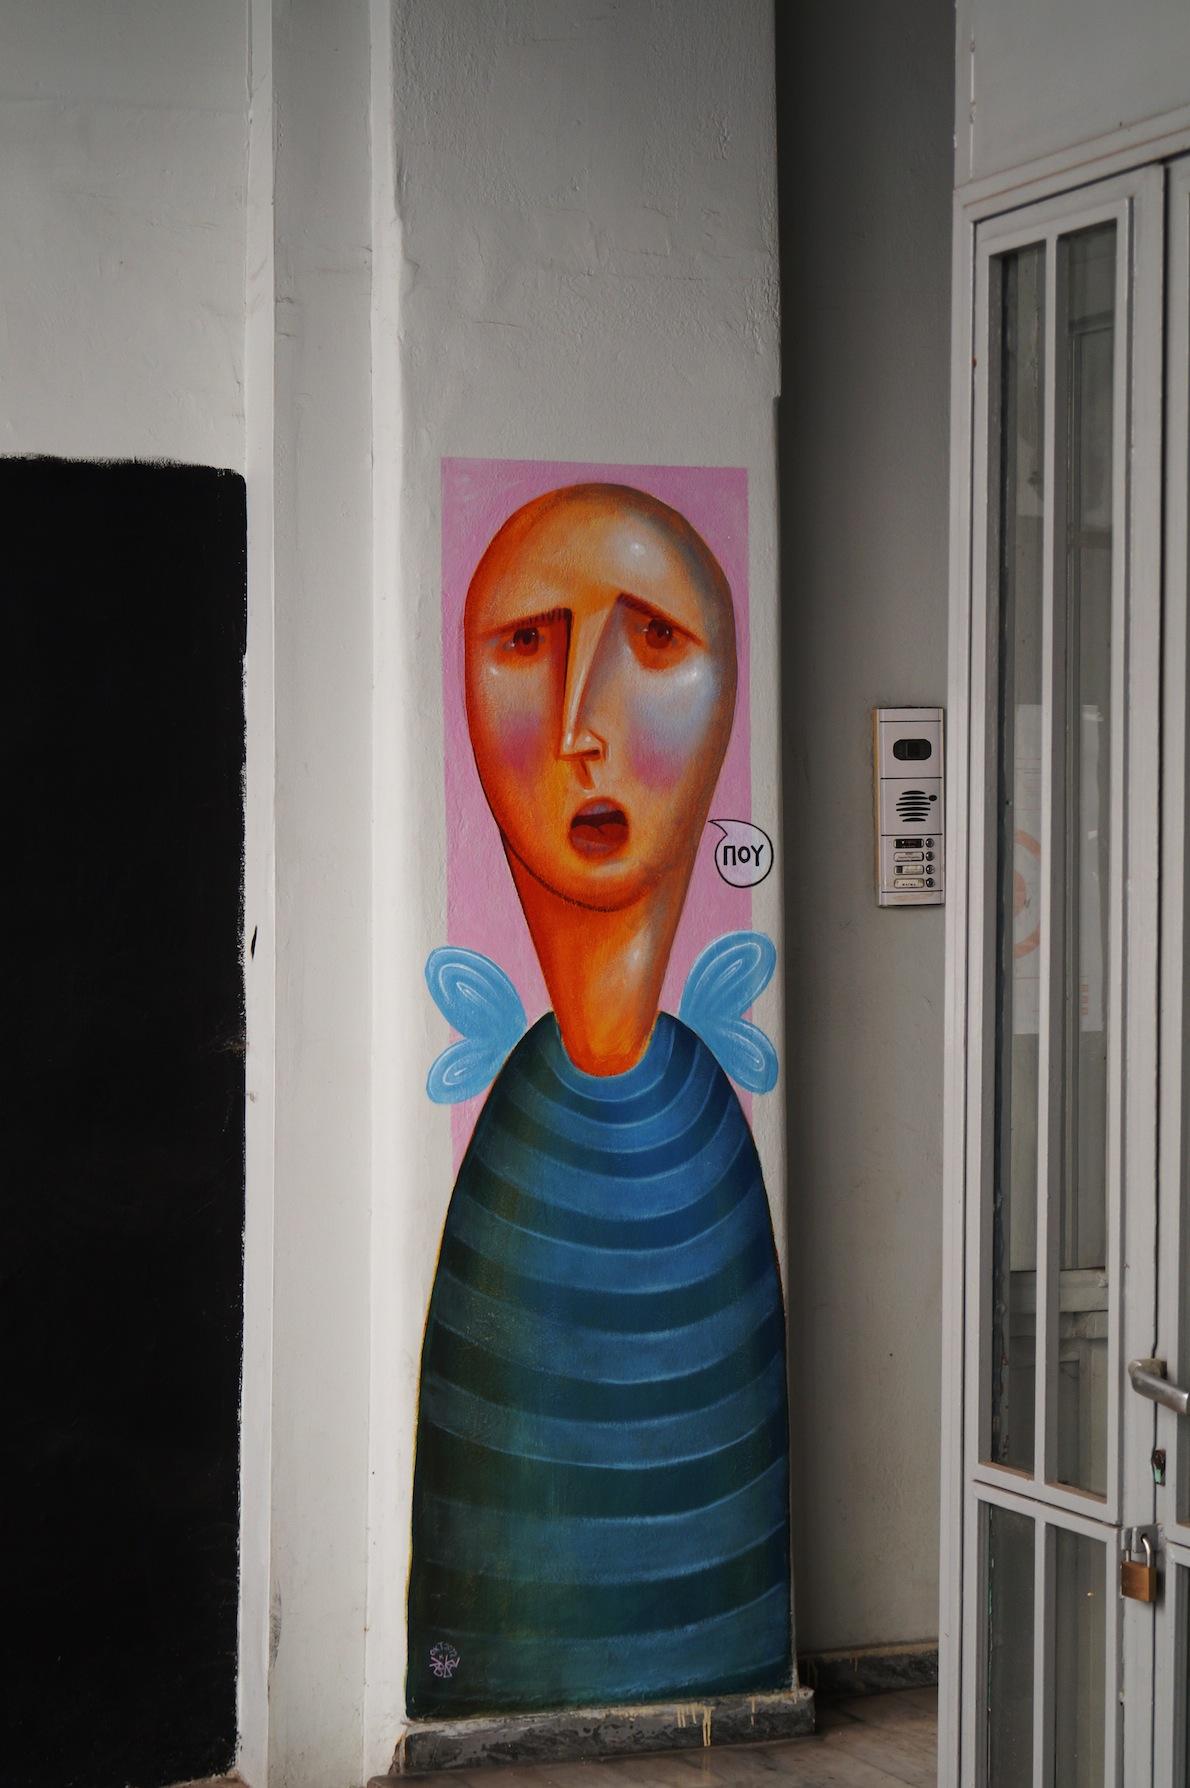 Ψυρρή Writer: Unknown Ένα από τα πολλά όμορφα έργα, άγνωστων καλλιτεχνών της πόλης. Ακρυλικά και  spray-paint.